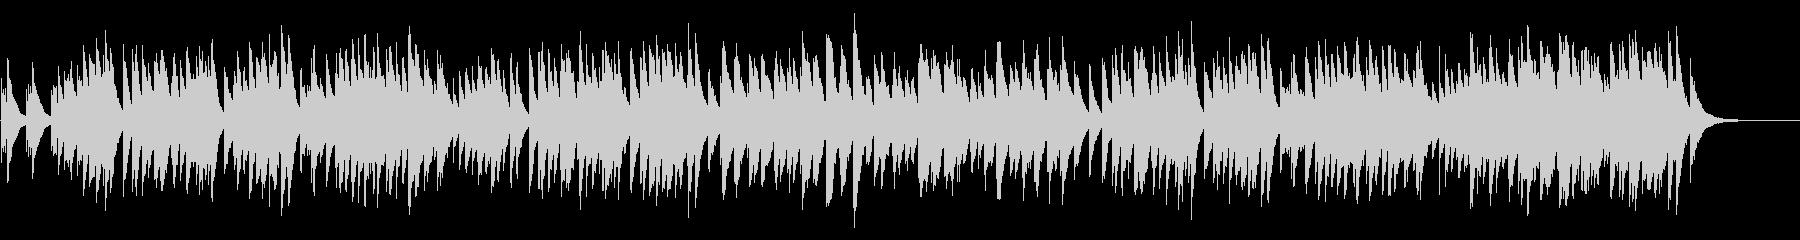 結婚行進曲 72弁オルゴール の未再生の波形